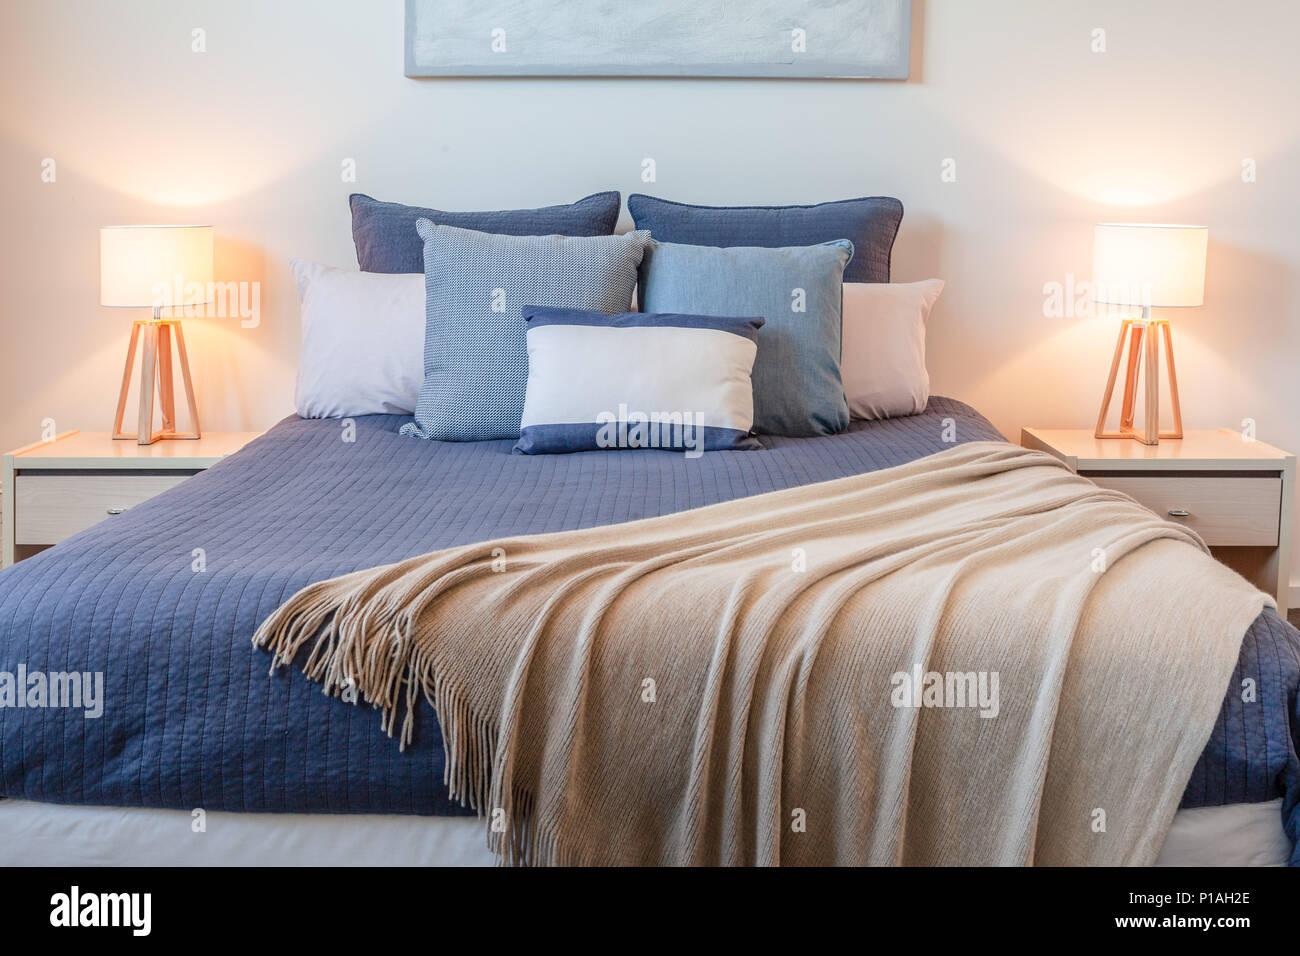 Luxury Bedding Stock Photos Amp Luxury Bedding Stock Images